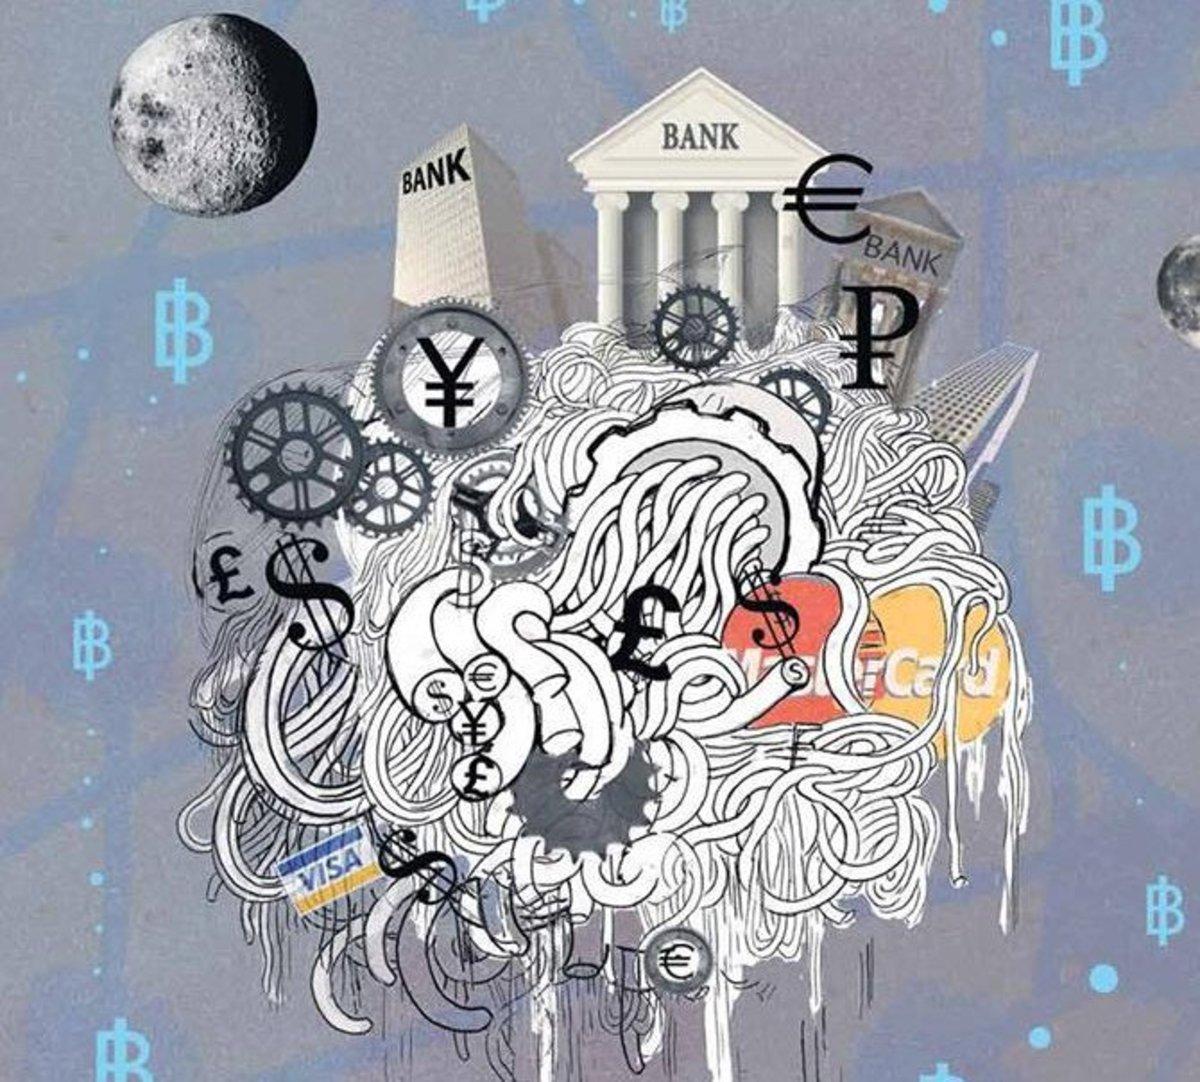 Op-ed - Bitcoin: An International Currency for International Communities